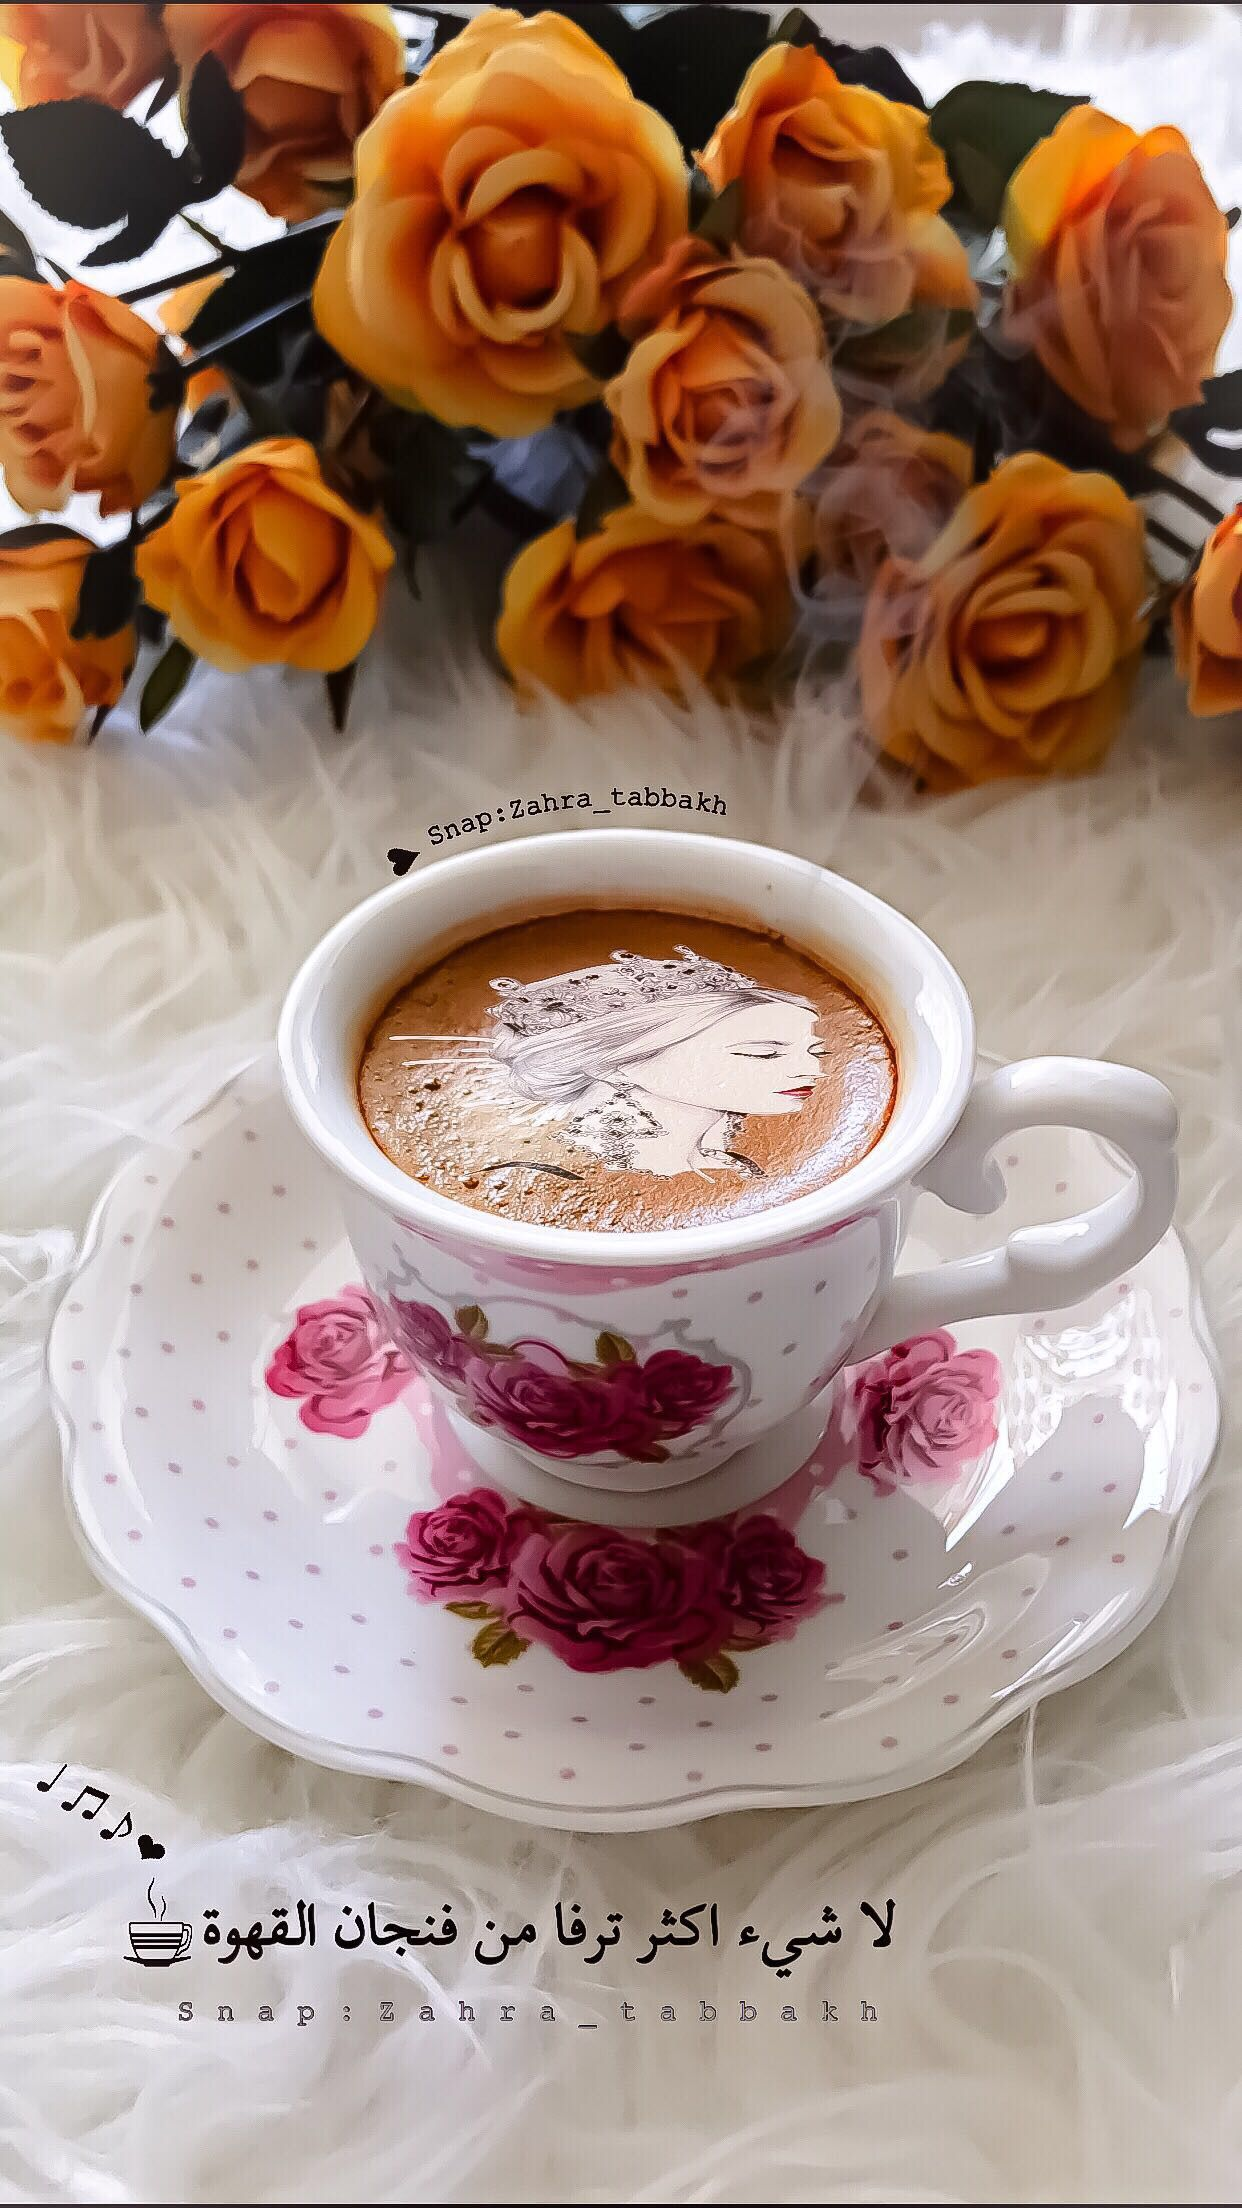 اقتباسات خواطر كلام جميل كلماتي قهوتي قهوة الصباح قهوة المساء قهوة وكتاب Coffee Lover Coffee Time Coffee Breakfast